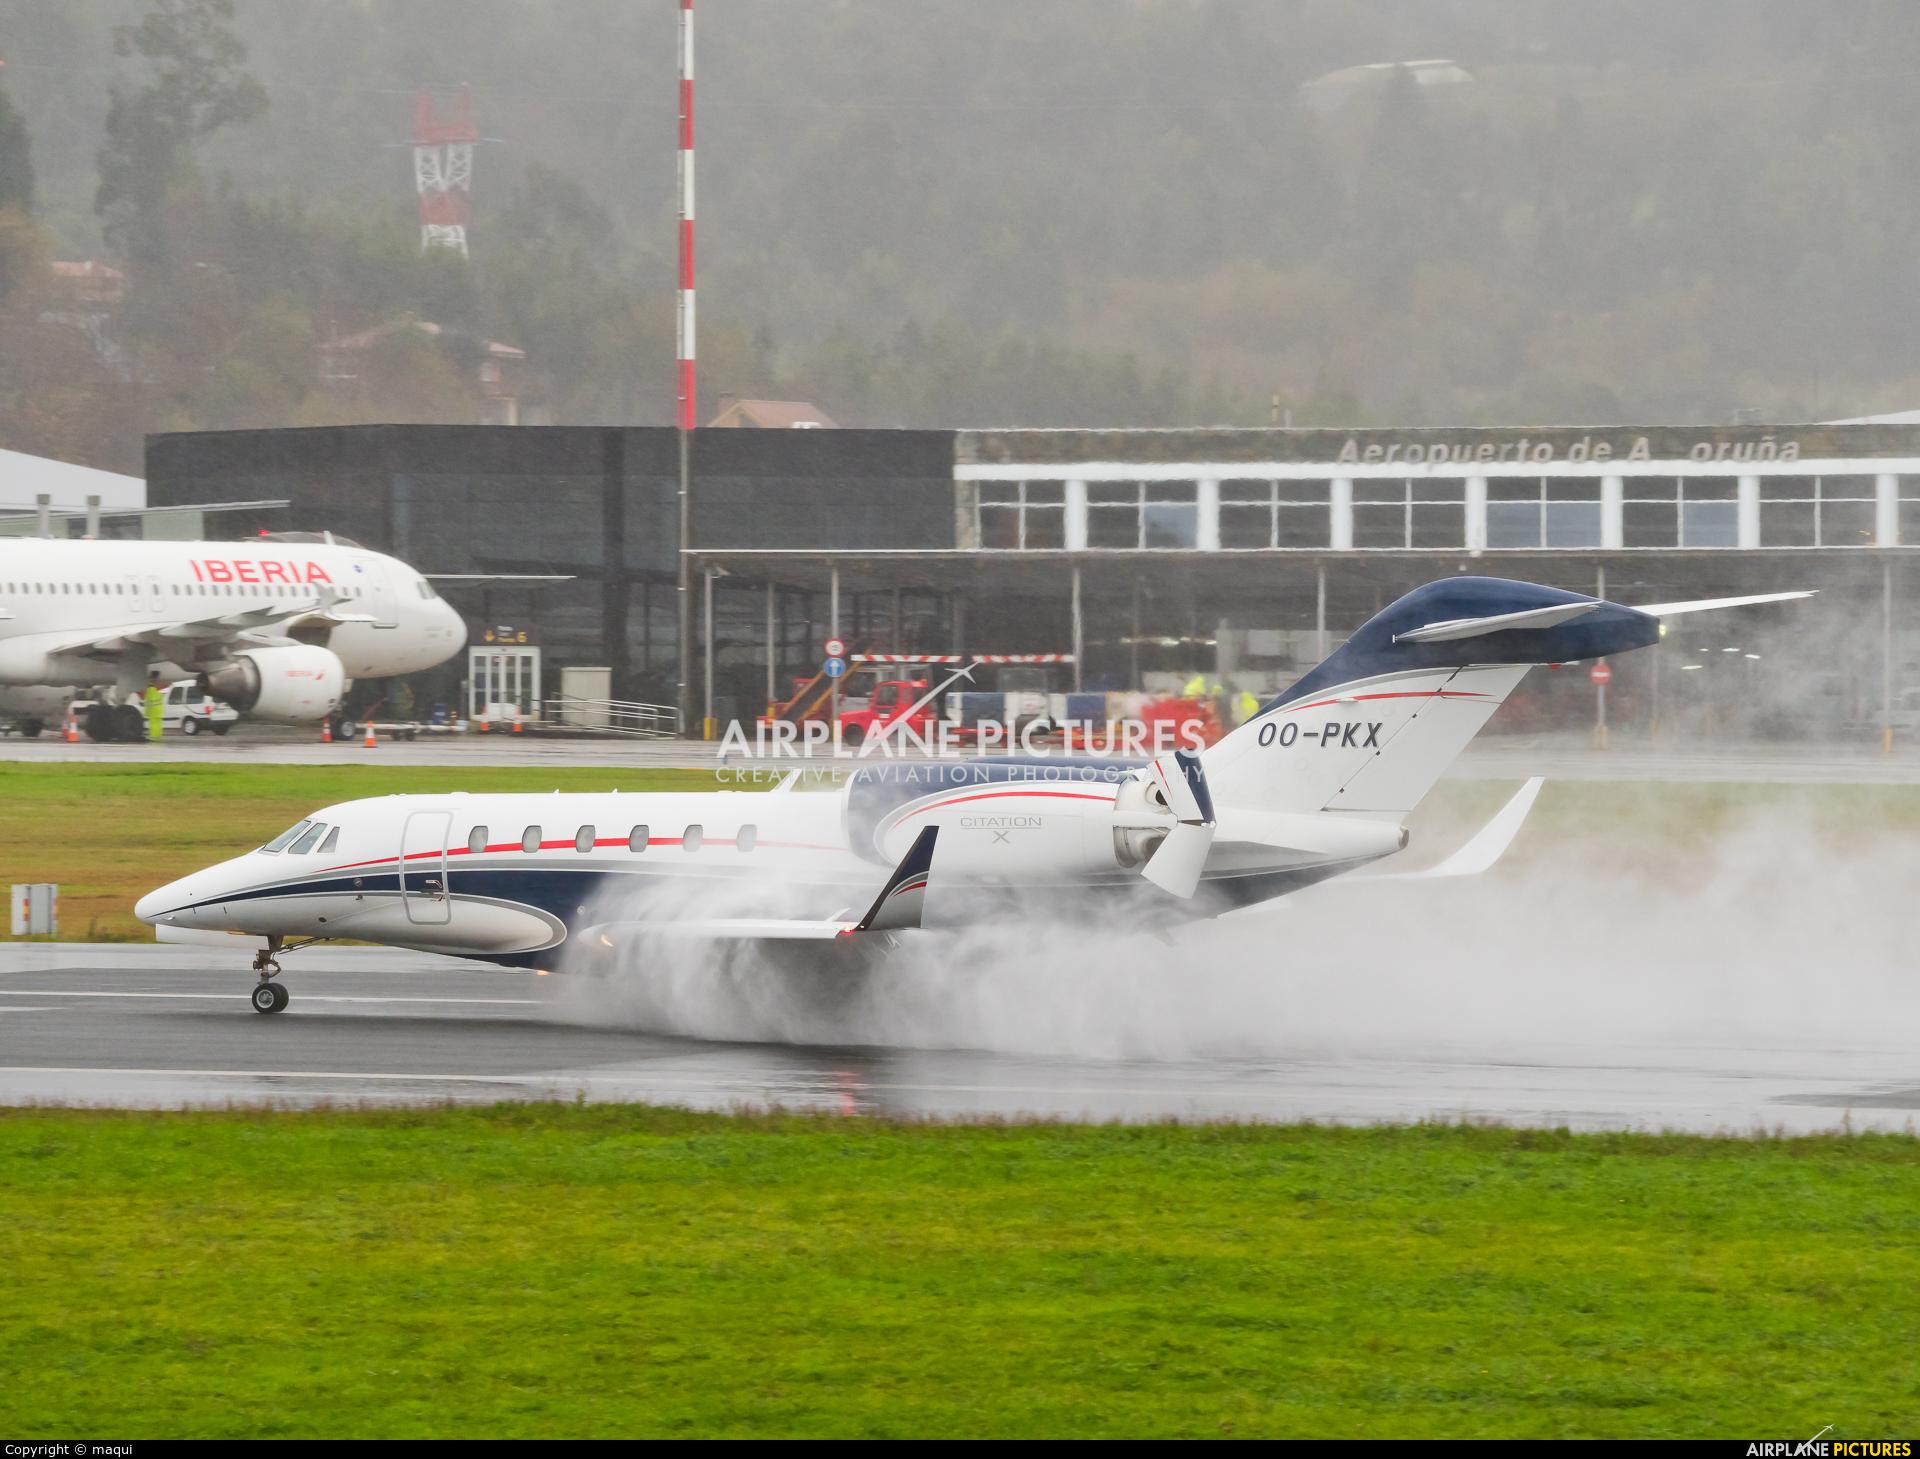 Air Service Liege OO-PKX aircraft at La Coruña